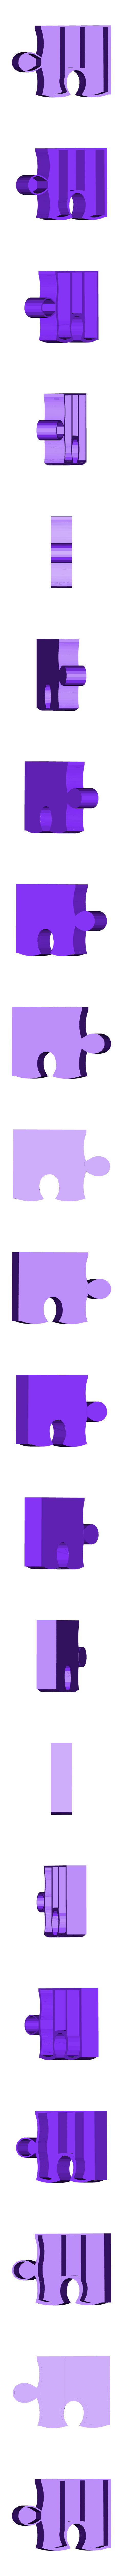 puzzle new 3 sans accroche.stl Download STL file PUZZLE SHELVES • 3D print model, catf3d